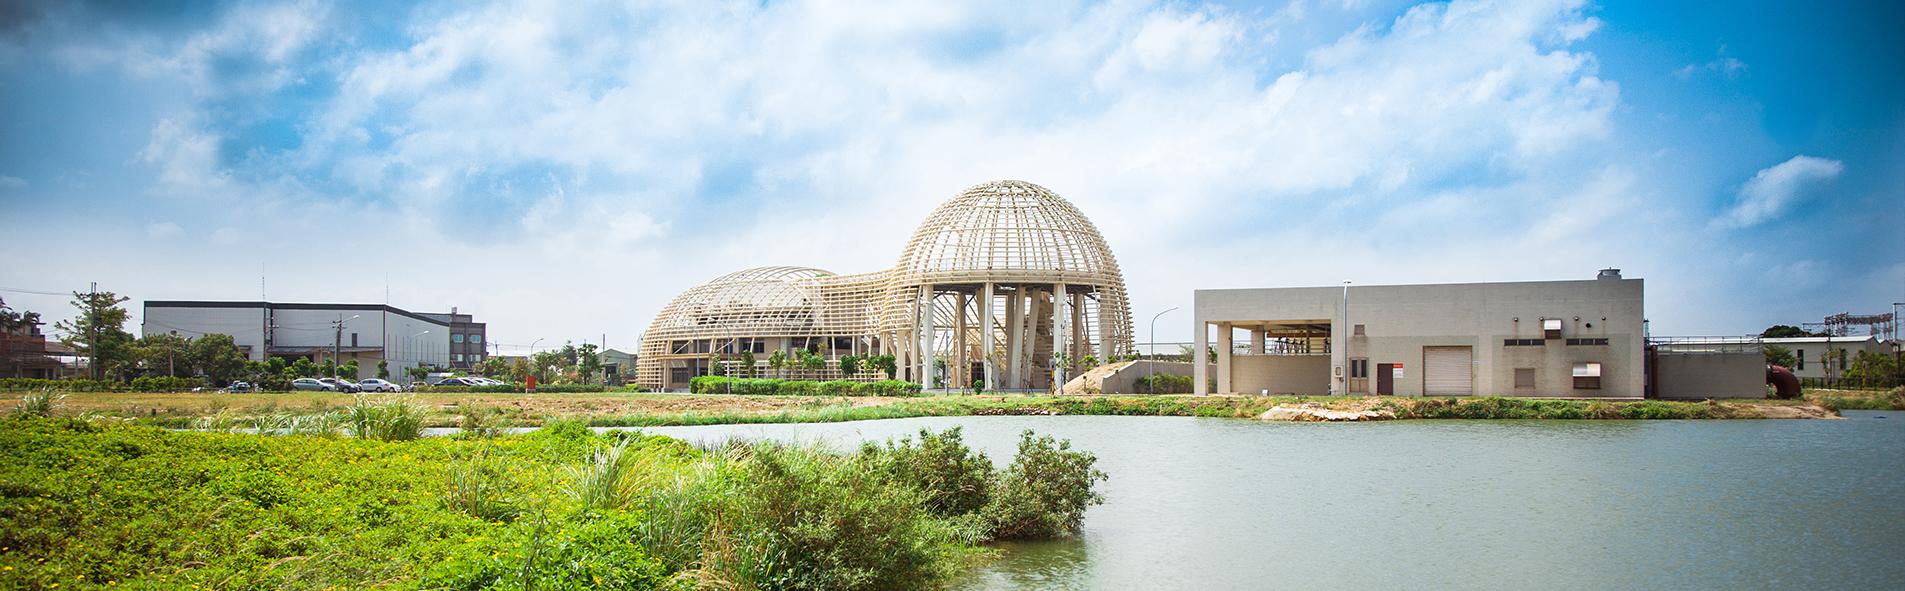 桃園水資源回收中心遠照